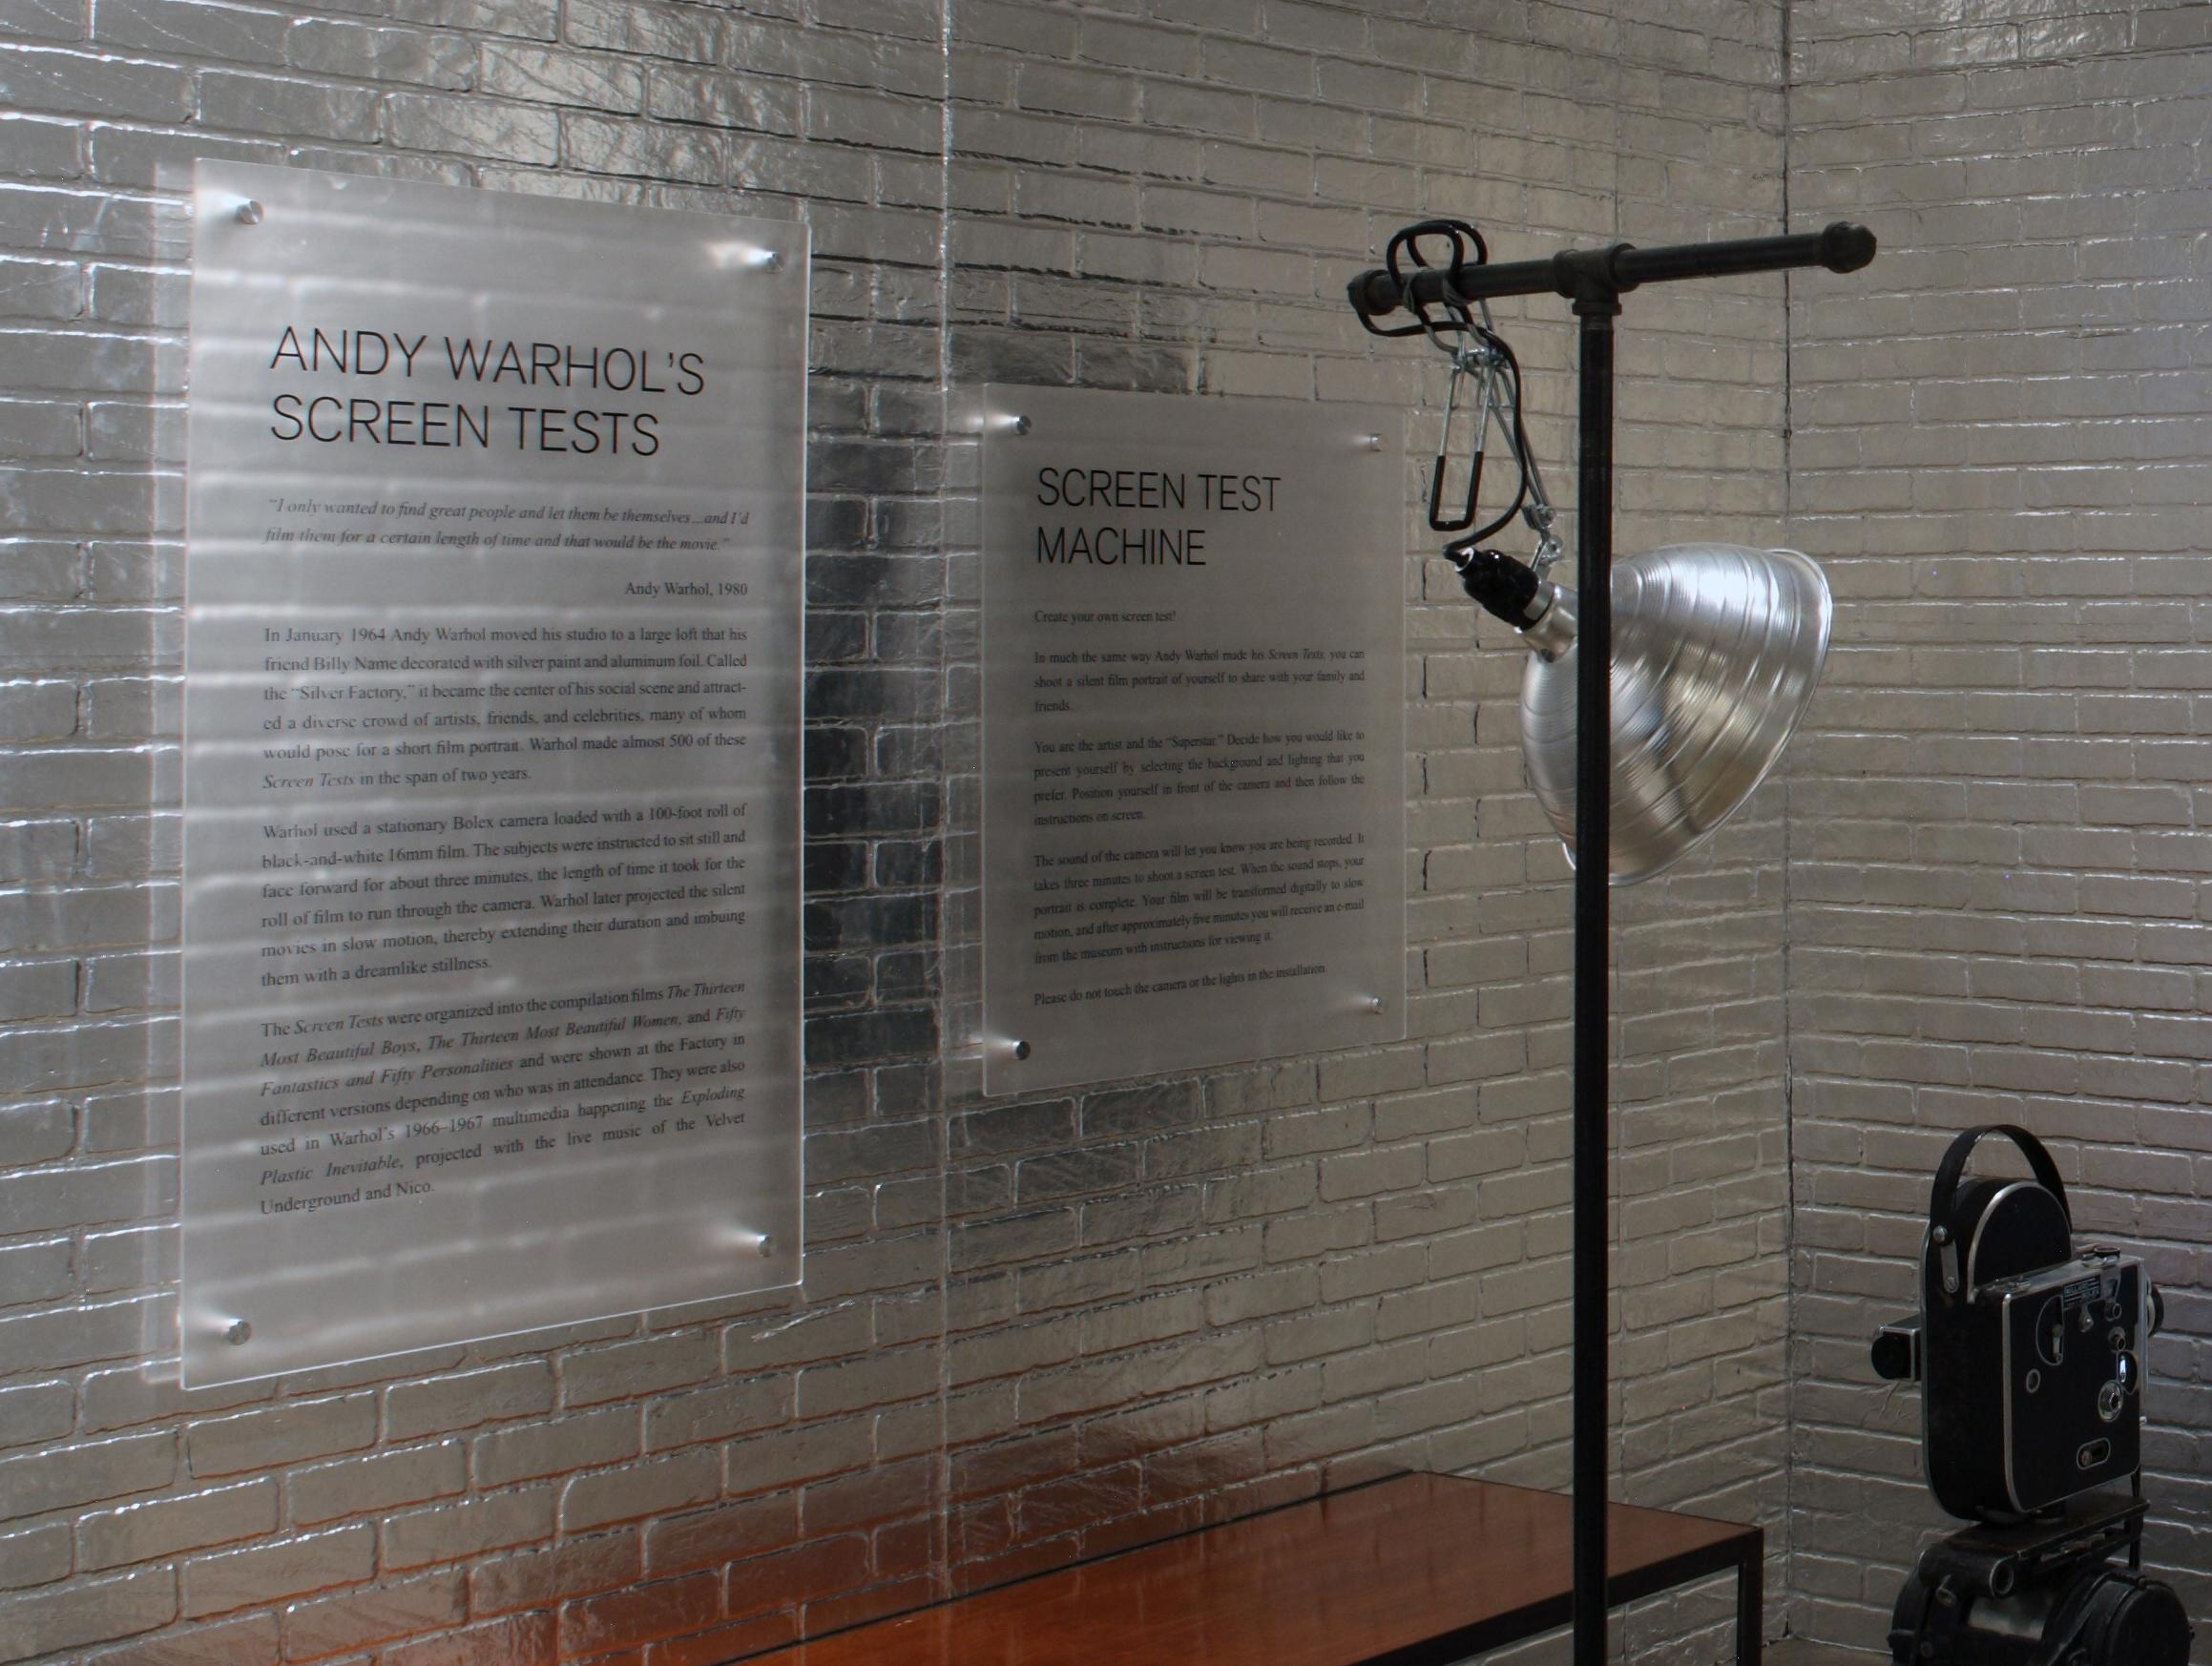 The Andy Warhol Museum, 2014 Rehang, 6th Floor 0016.jpg